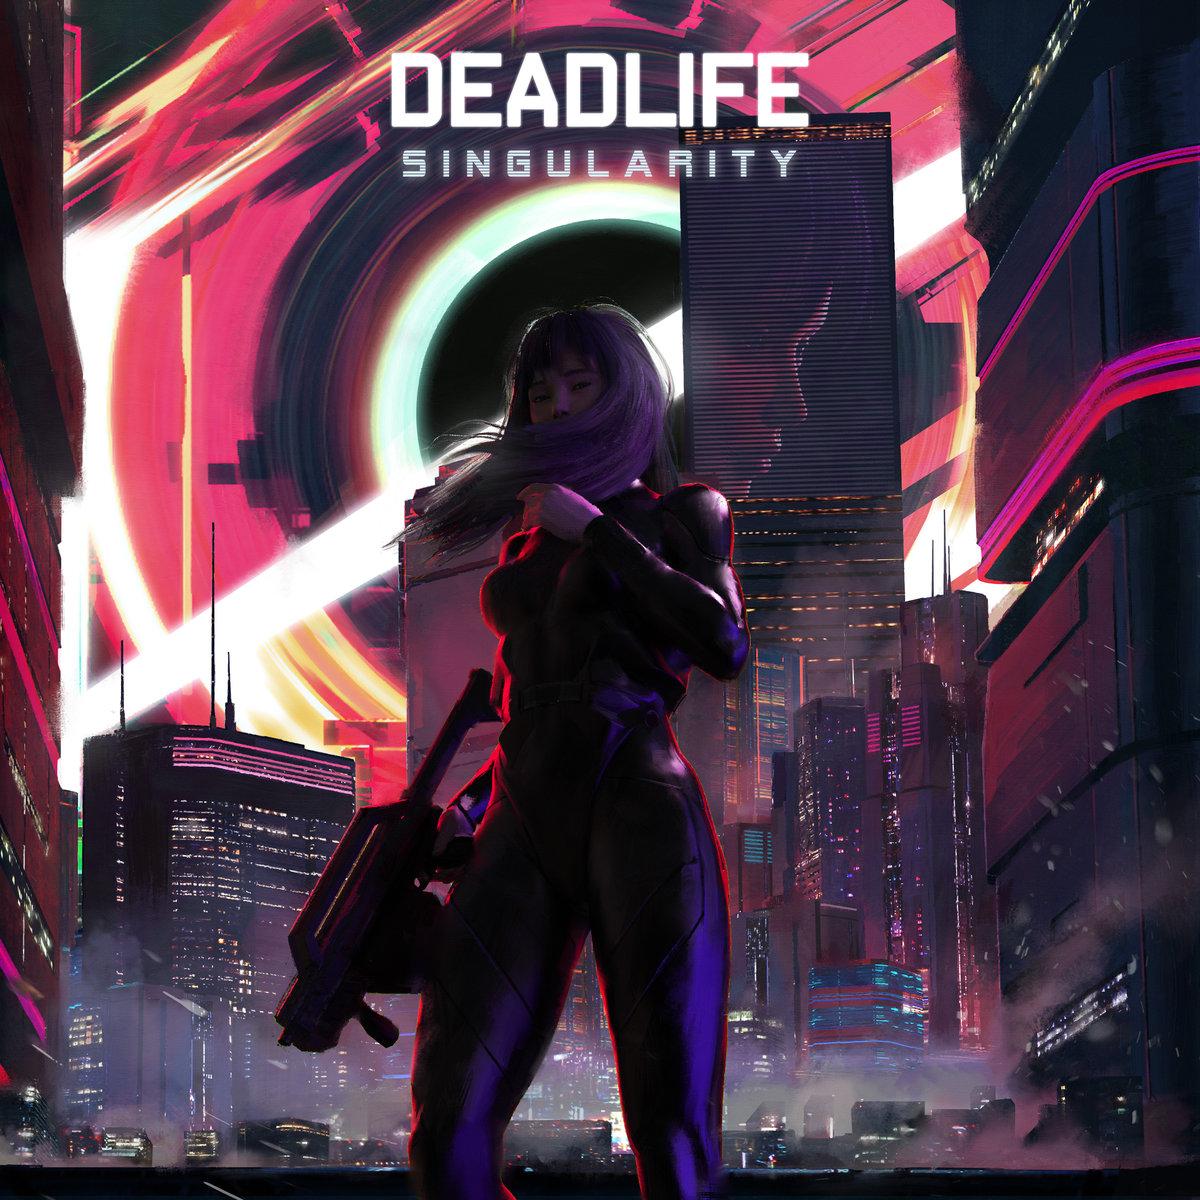 a2966753030 10 - DEADLIFE's Singularity - A Nostalgic Darksynth Cyberpunk Explosion